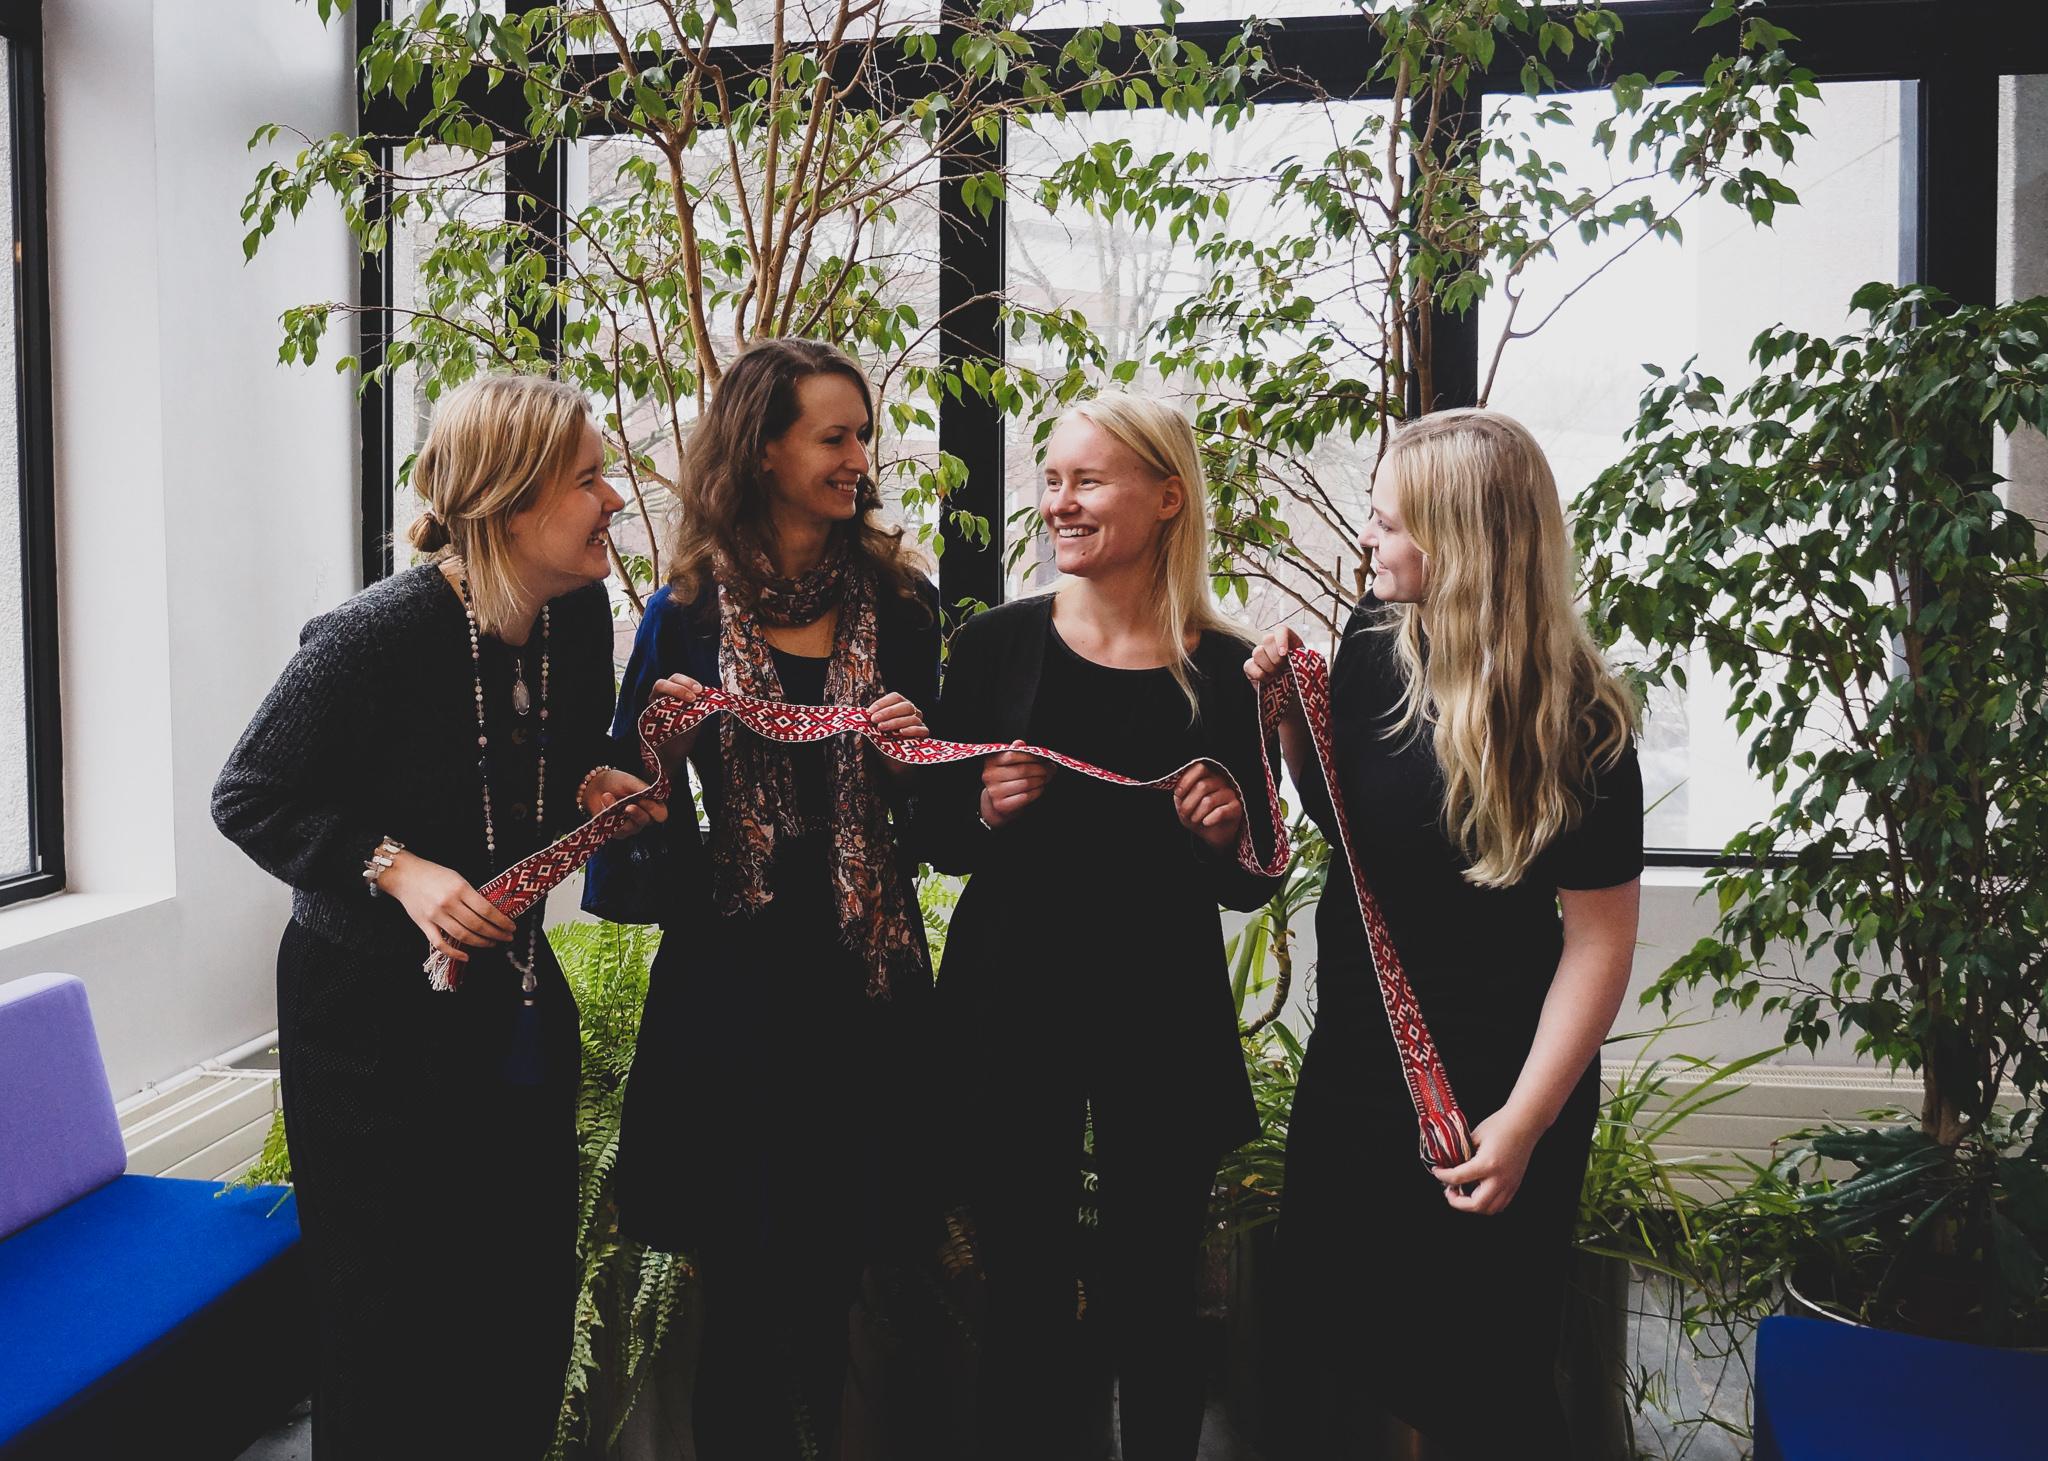 EMTA pärimusmuusikud Karolin Vetevoog, Laura Lehto, Hanna-Liia Kiipus, Svetlana Rodionova